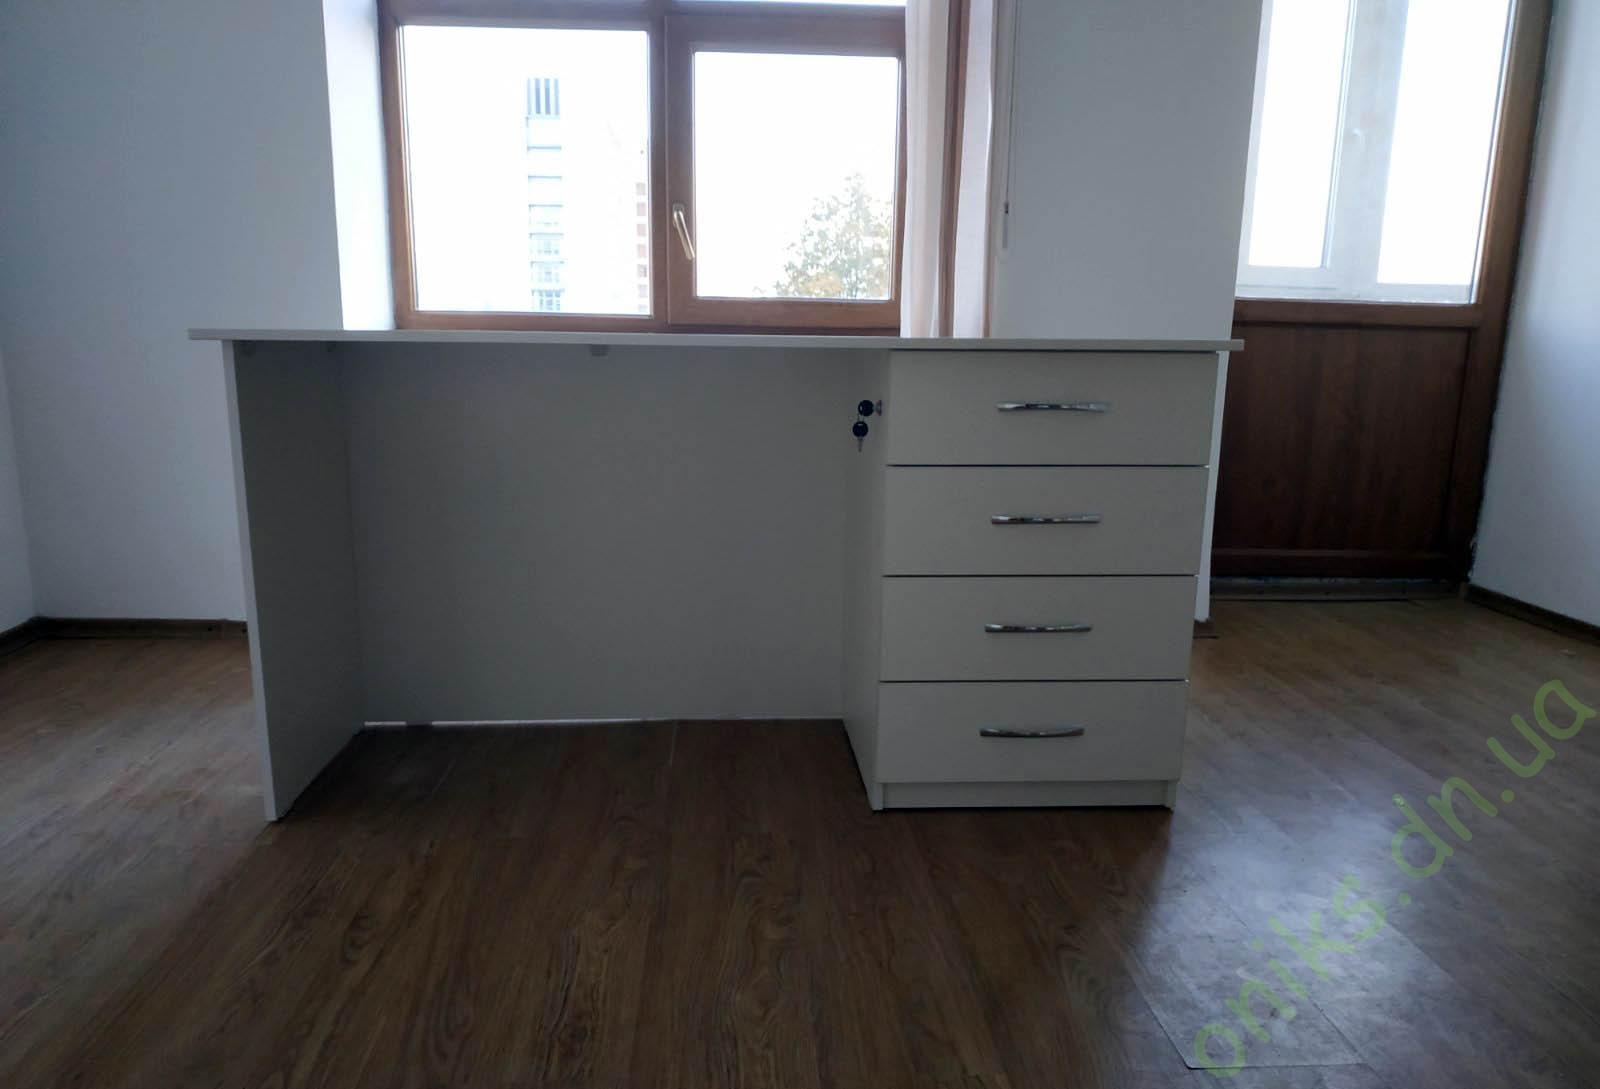 Купить стол письменный однотумбовый с четырьмя выдвижными ящиками в Донецке